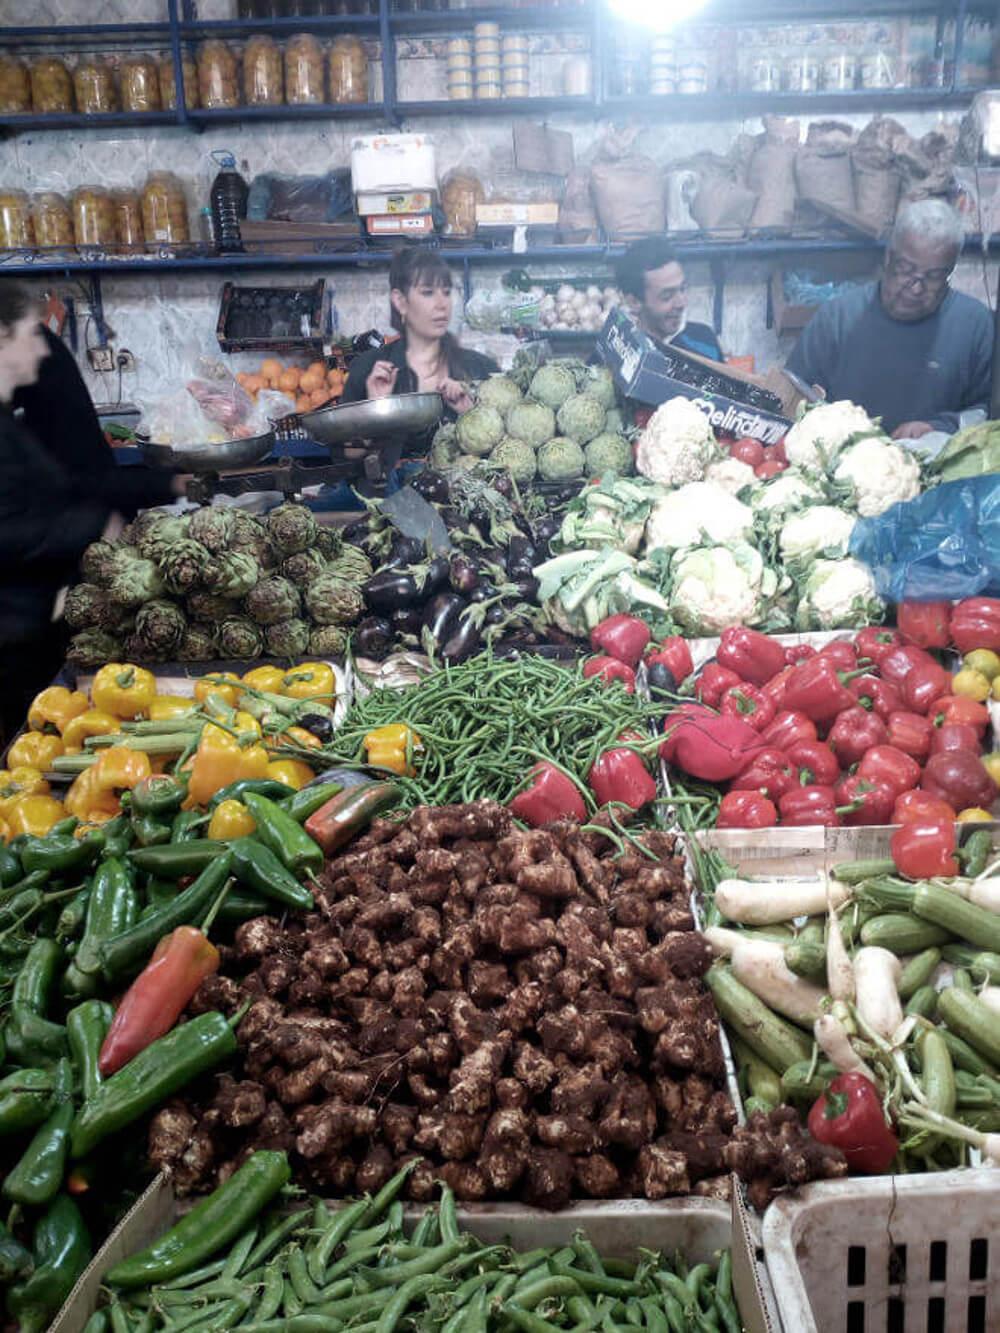 Lebensmittelmarkt im Souk von Marrakesch, Marokko